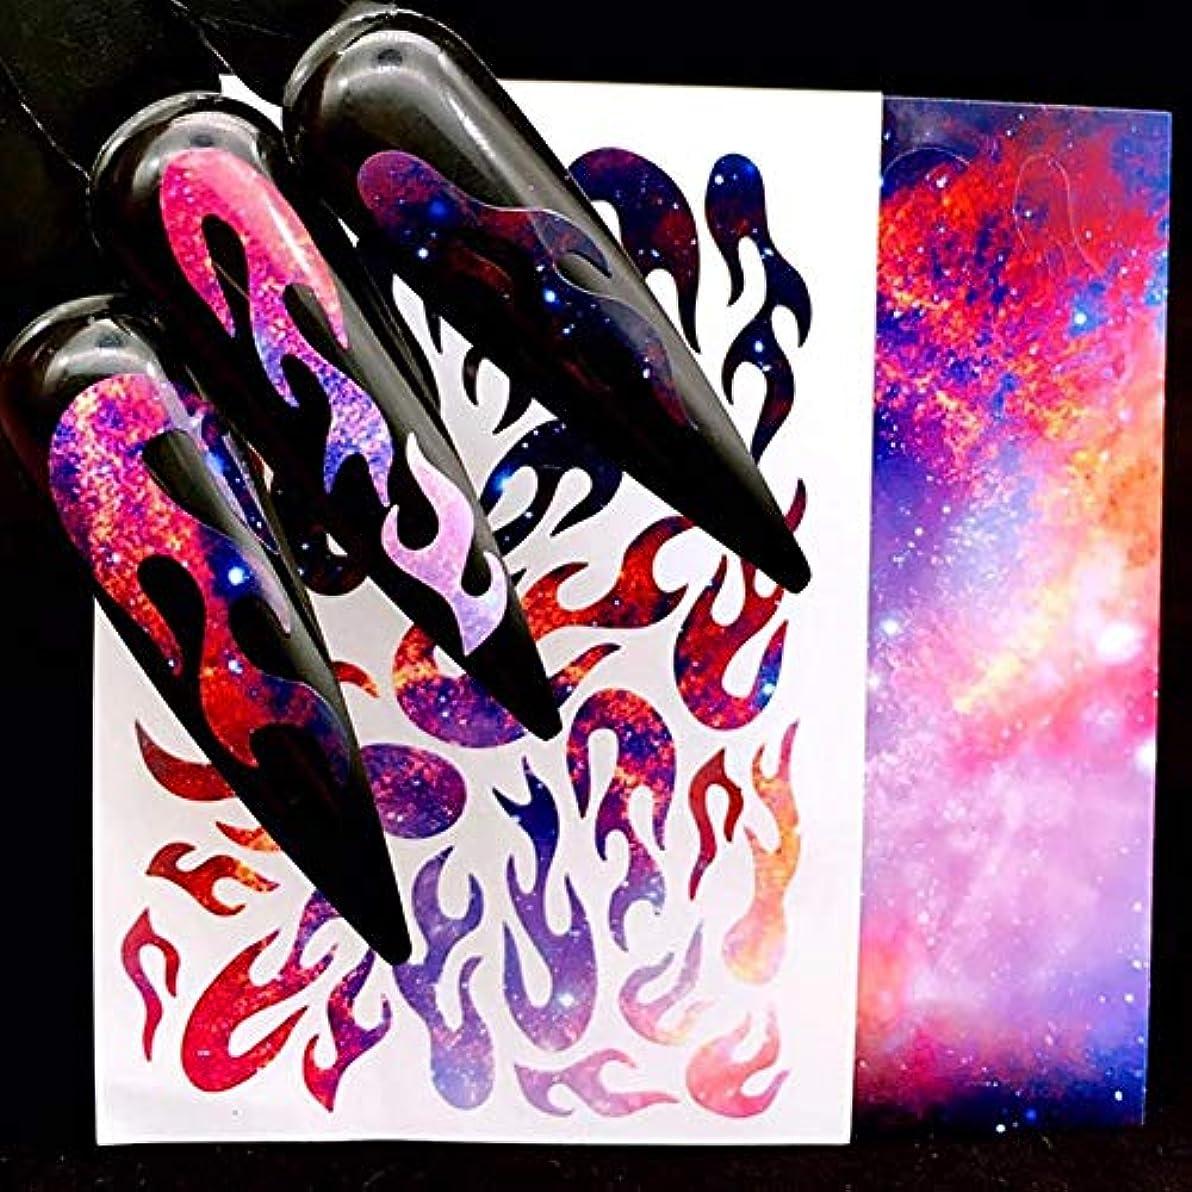 チャンピオン多様体何もないMurakush ネイルステッカー レーザー接着 ステッカー 炎パターン オーロラ マニキュア装飾 ネイルアート デカールツール 3#